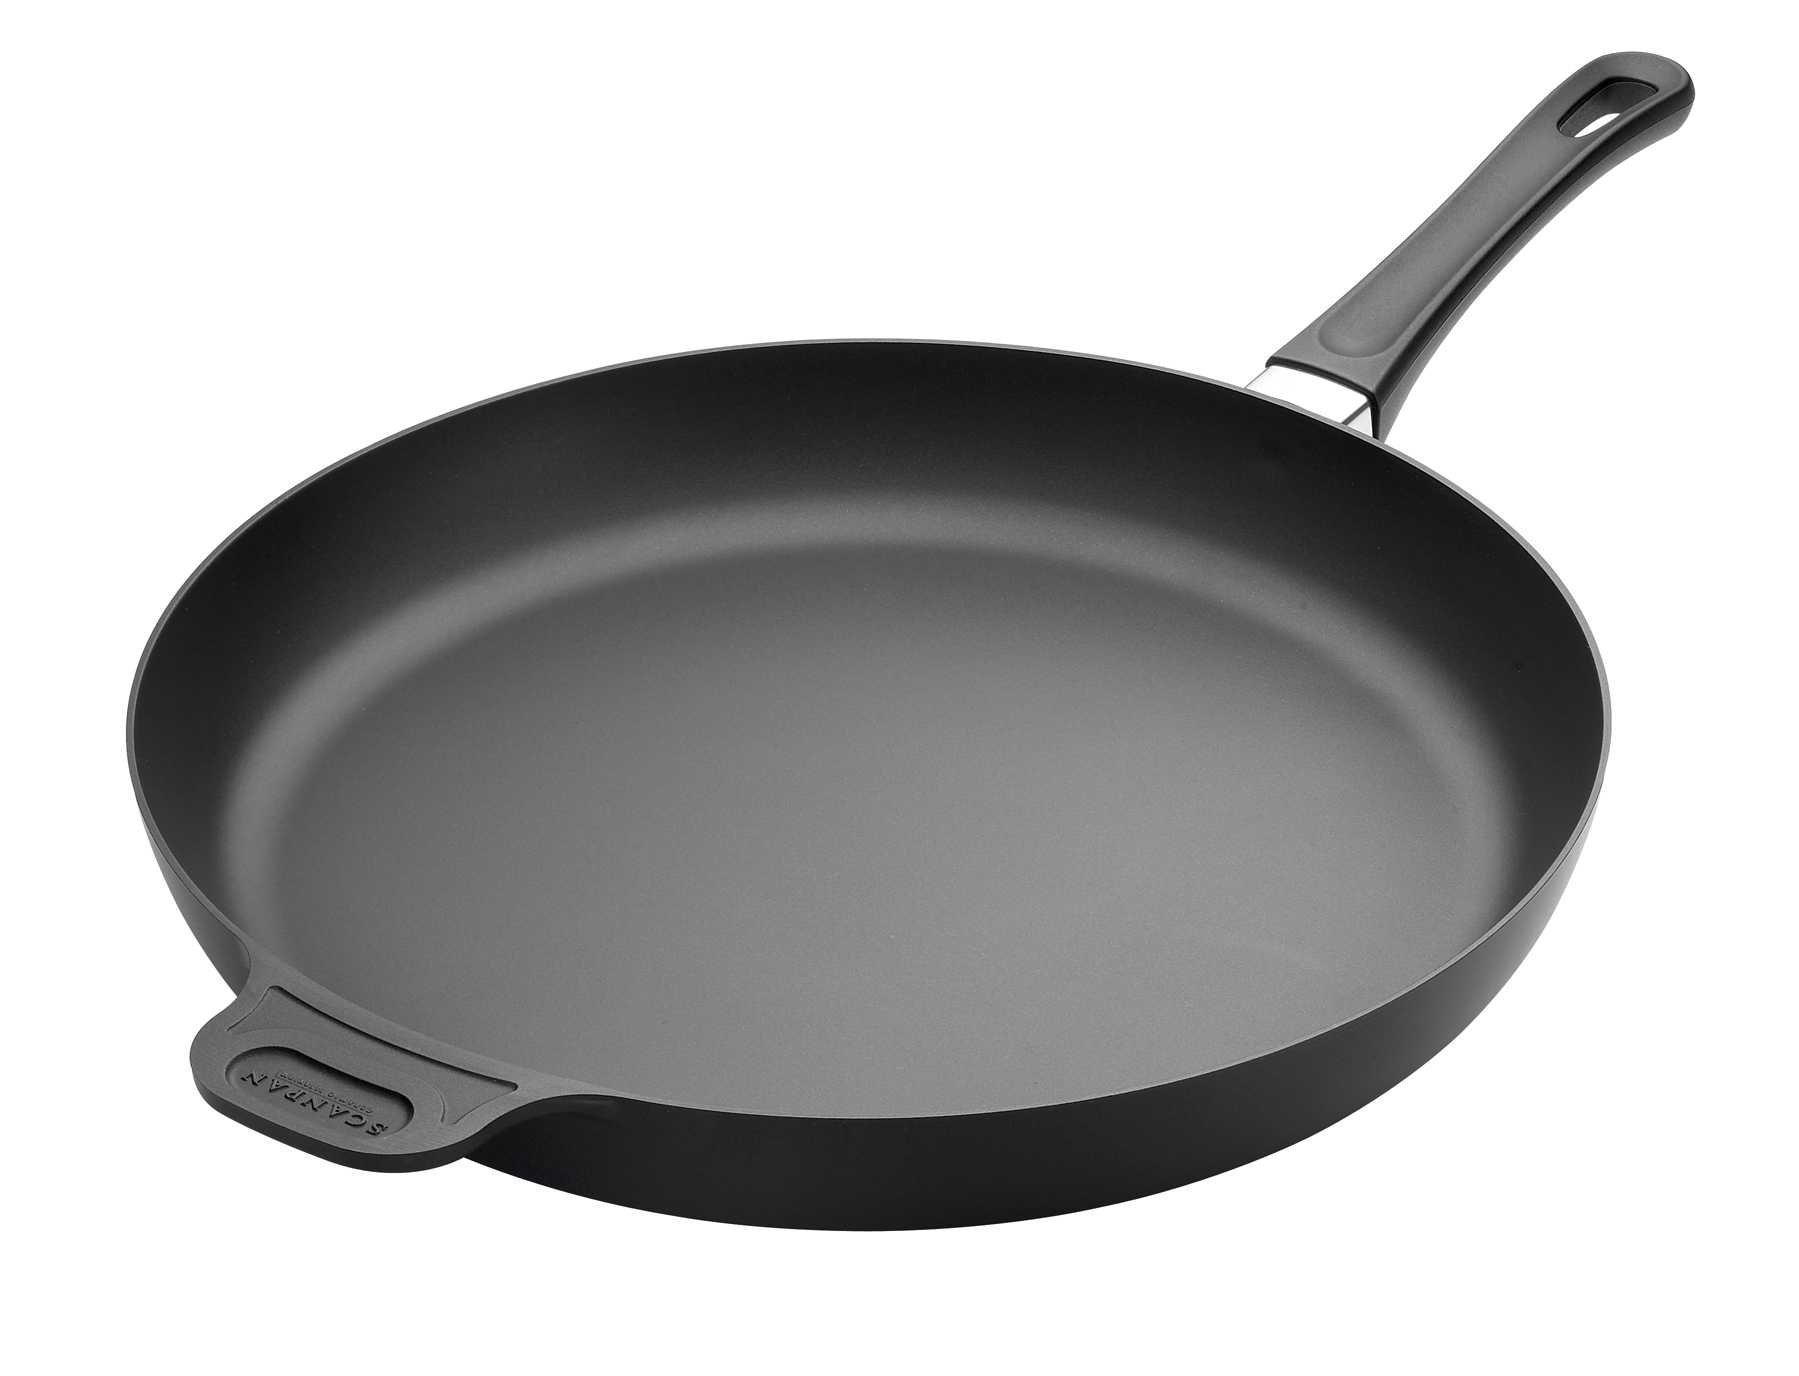 Scanpan Classic 14-1/4 Inch Fry Pan by Scanpan